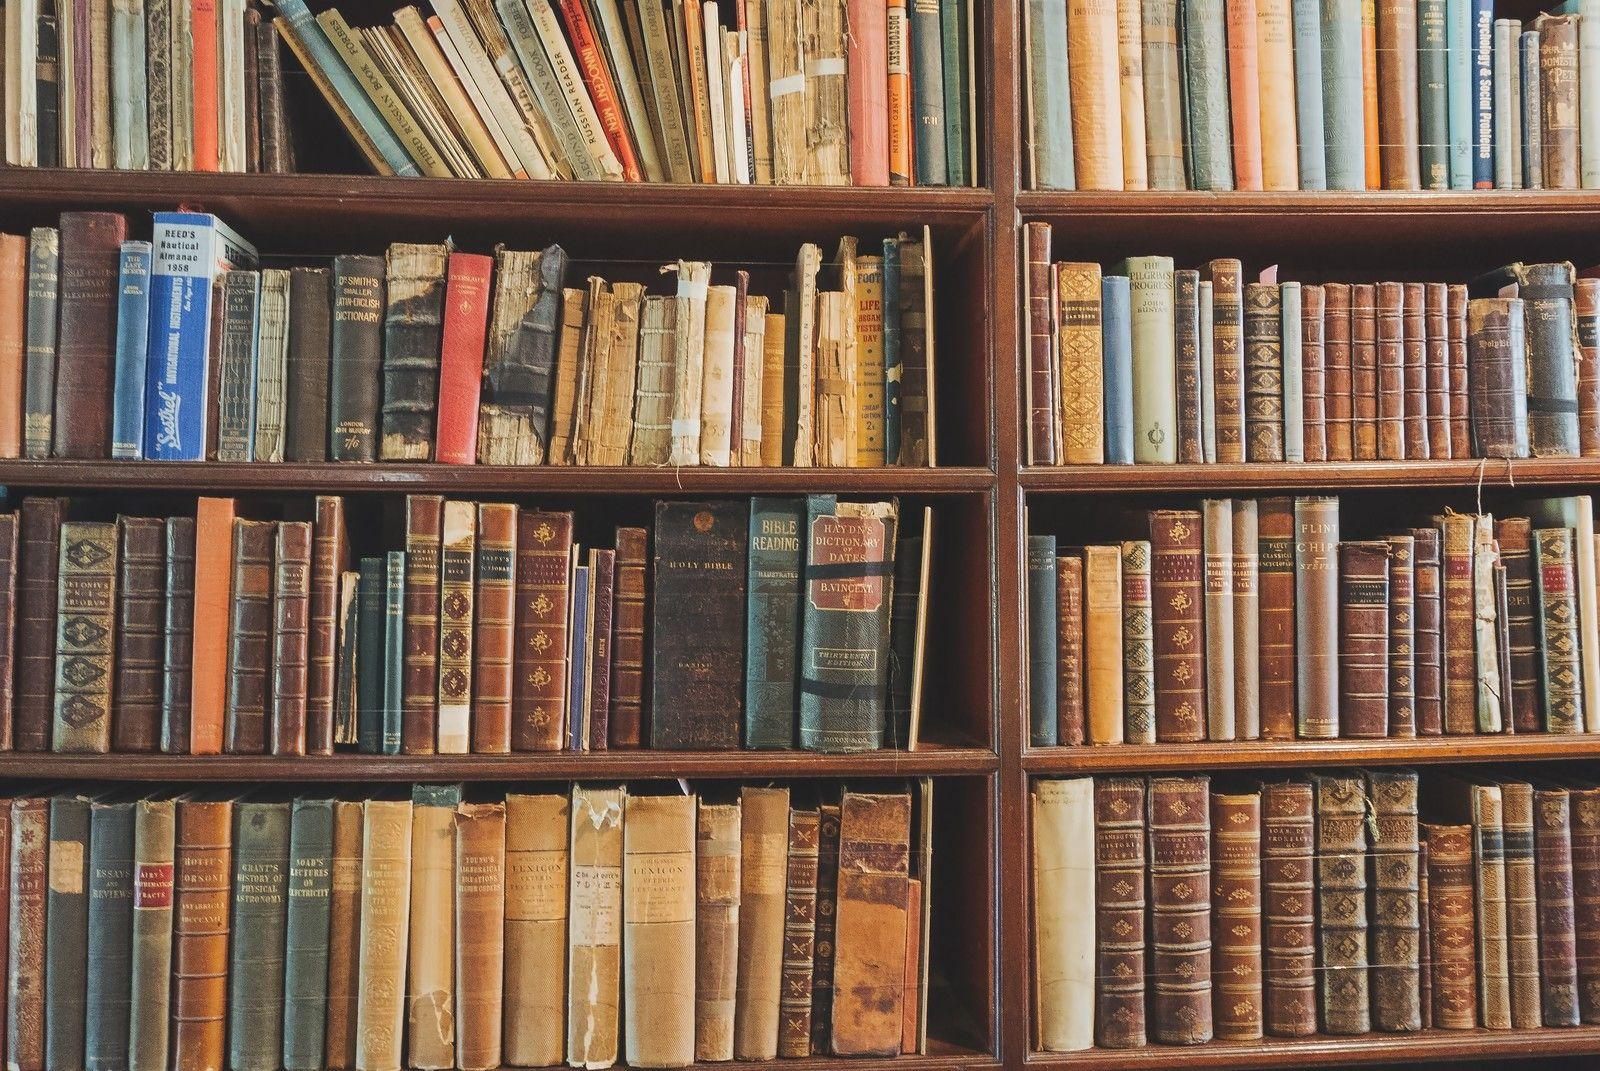 洋書の本棚 ぱくたそ フリー写真素材 無料ダウンロード Home Decor Life Decor